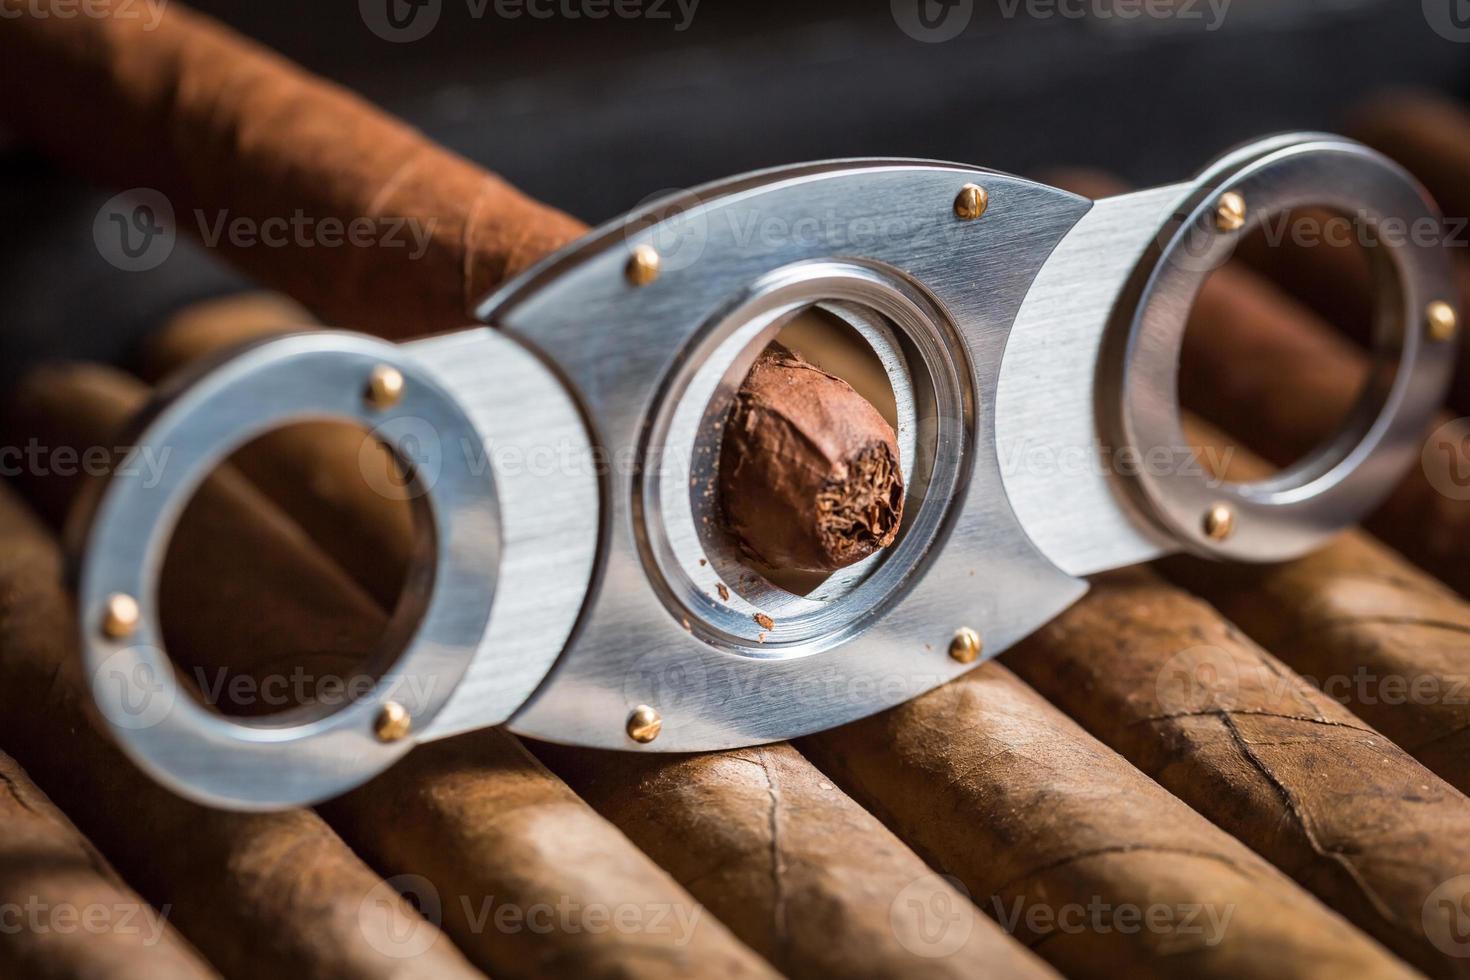 ghigliottina che taglia la punta del sigaro foto